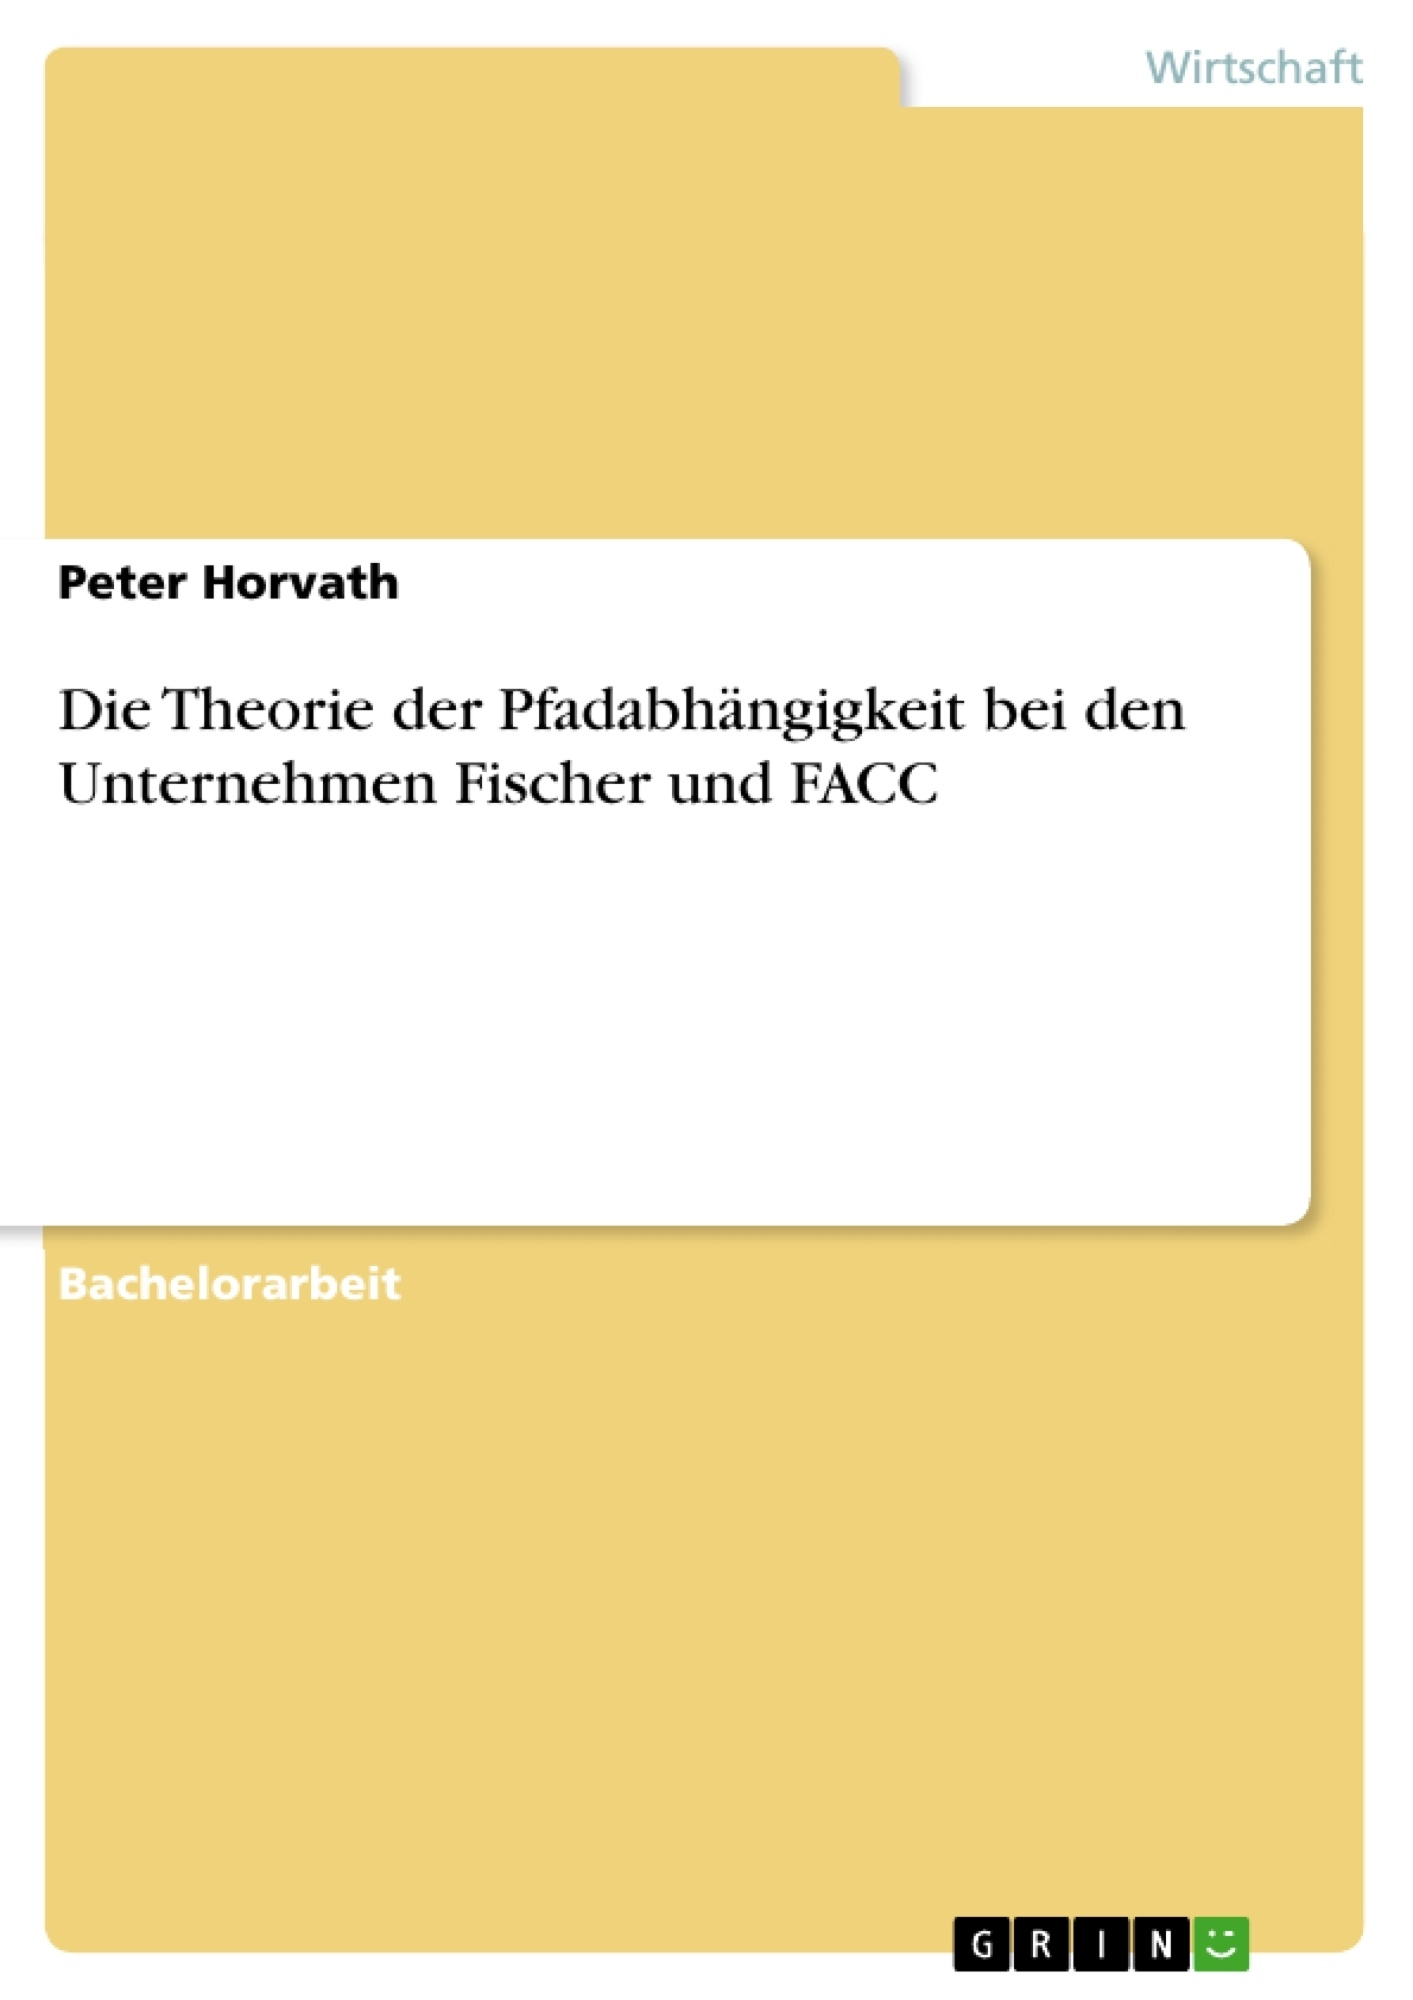 Titel: Die Theorie der Pfadabhängigkeit bei den Unternehmen Fischer und FACC